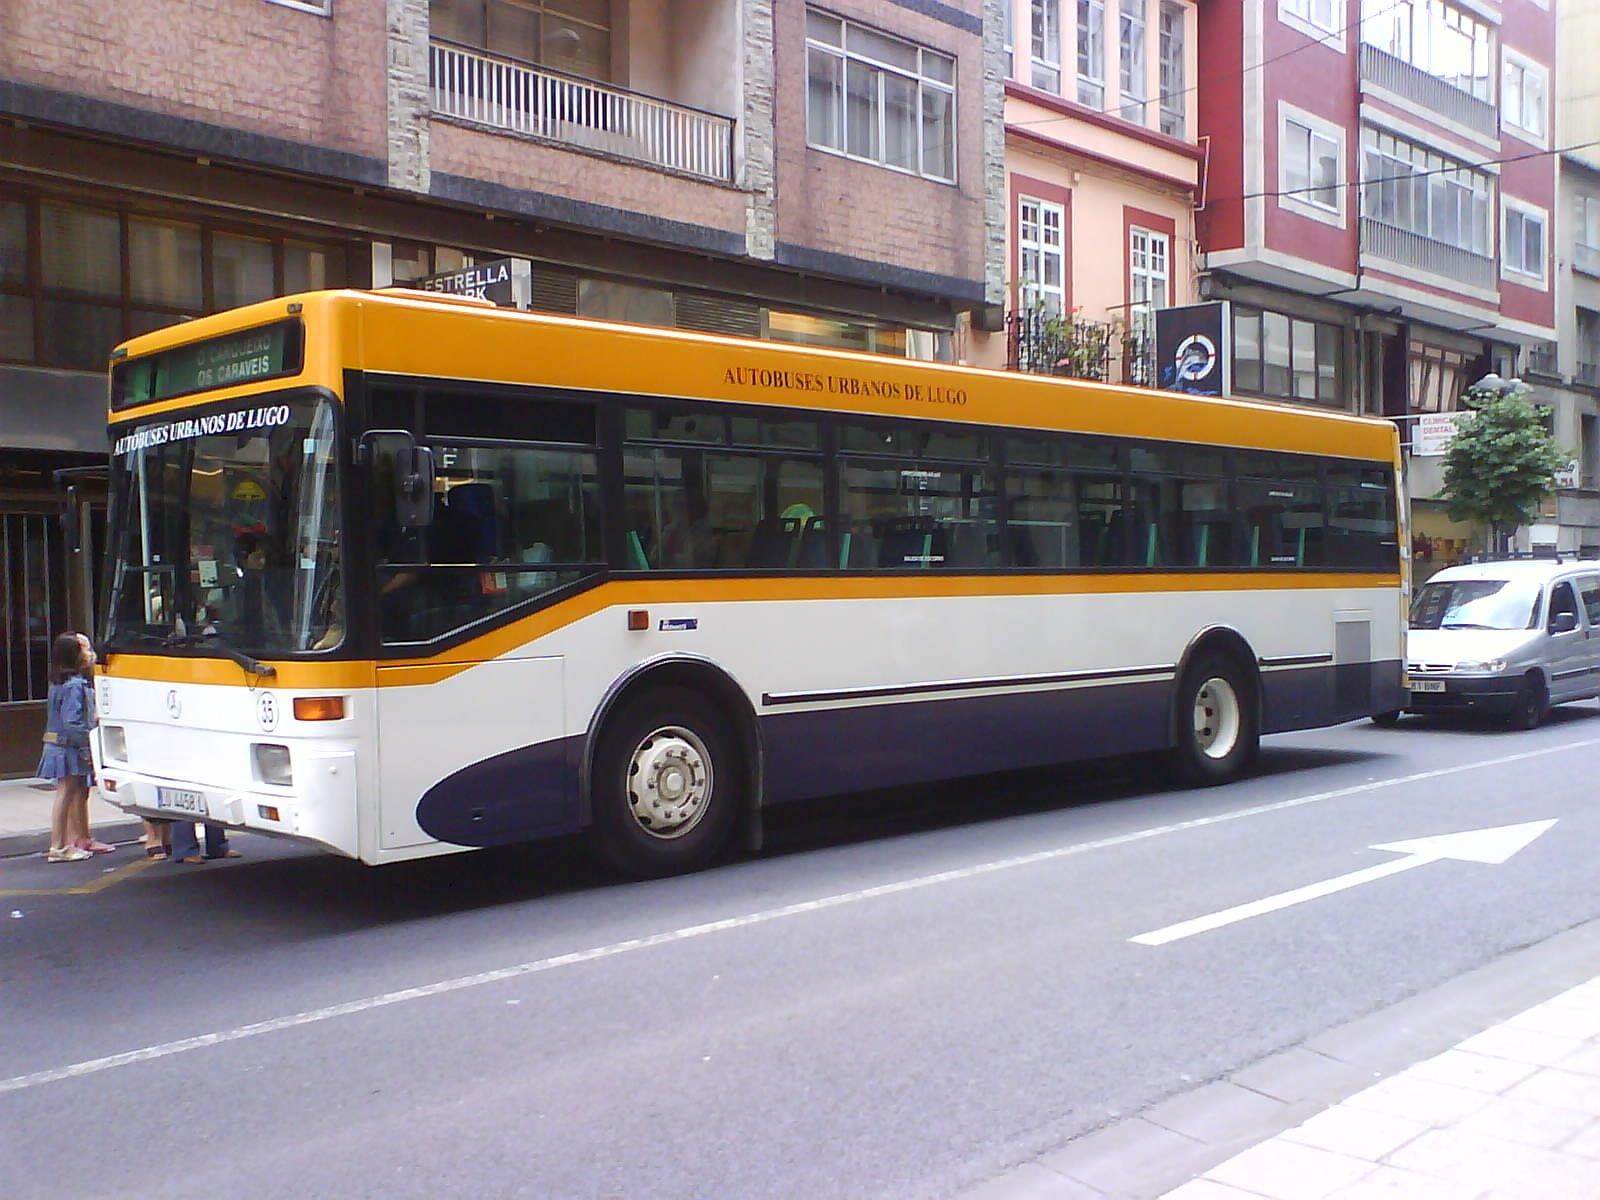 Autobuses urbanos de Lugo